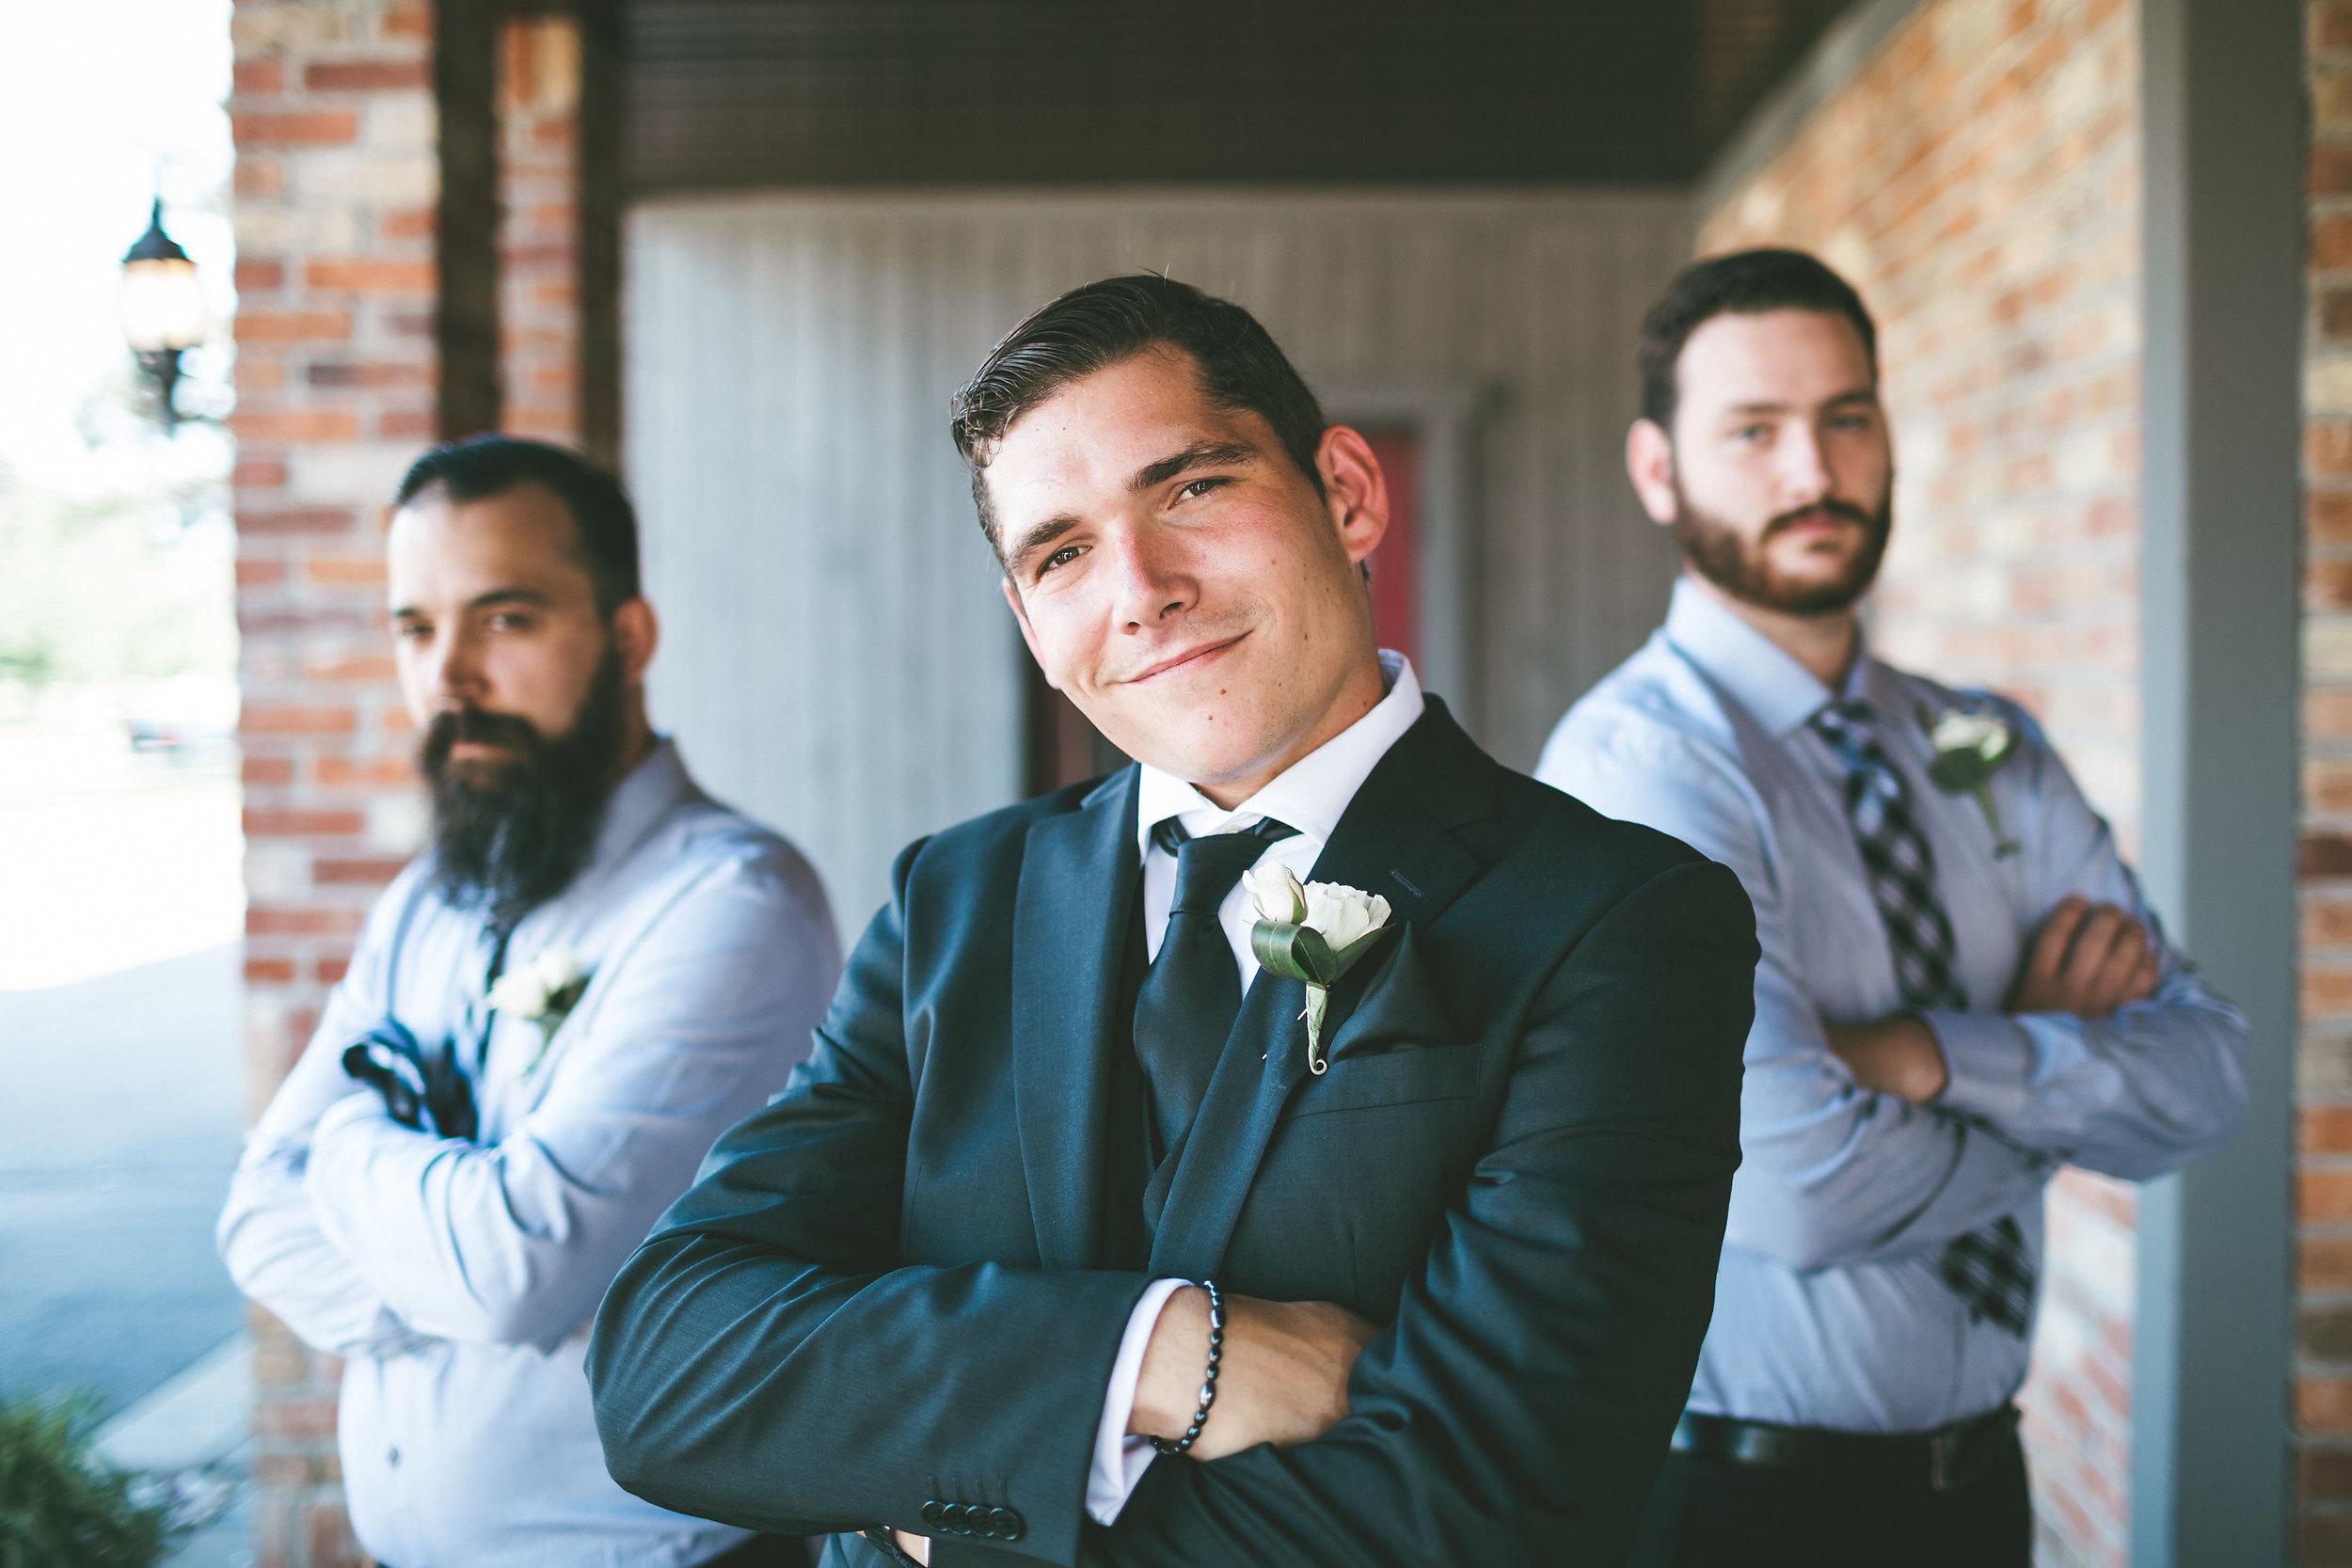 julie___kyle_wedding___lifesreel_danielcaruso___0396.jpg